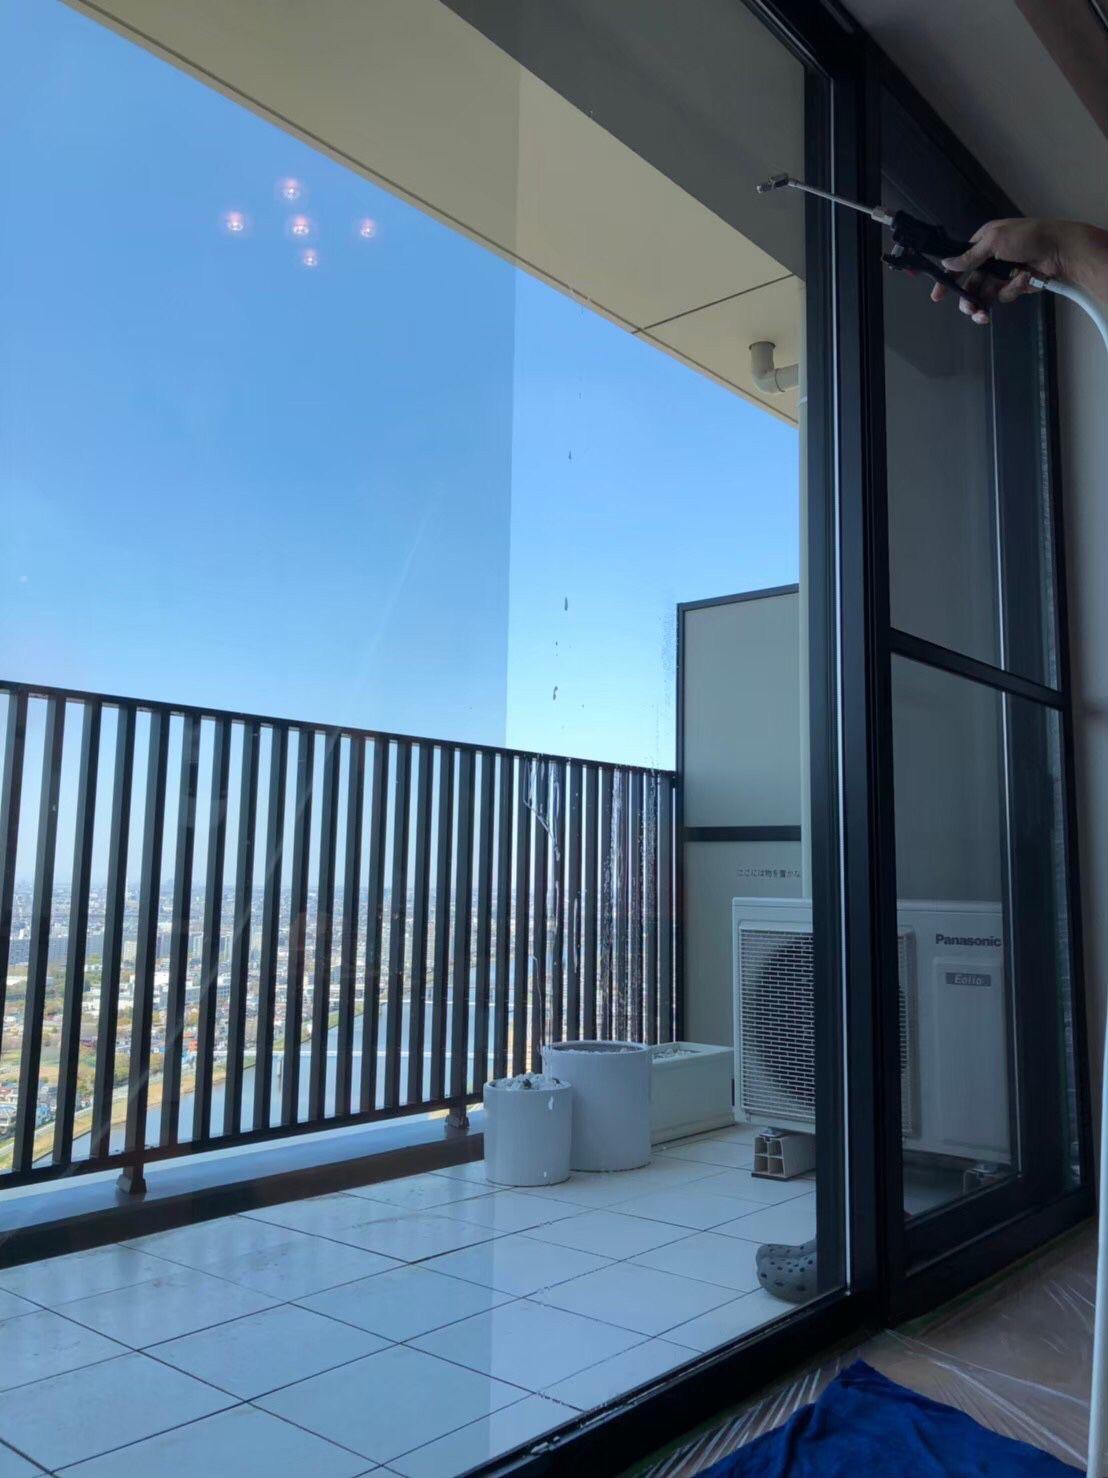 【窓ガラスフィルム施工】LDK +1部屋(〜8枚まで)にお好きなフィルムを施工プラン